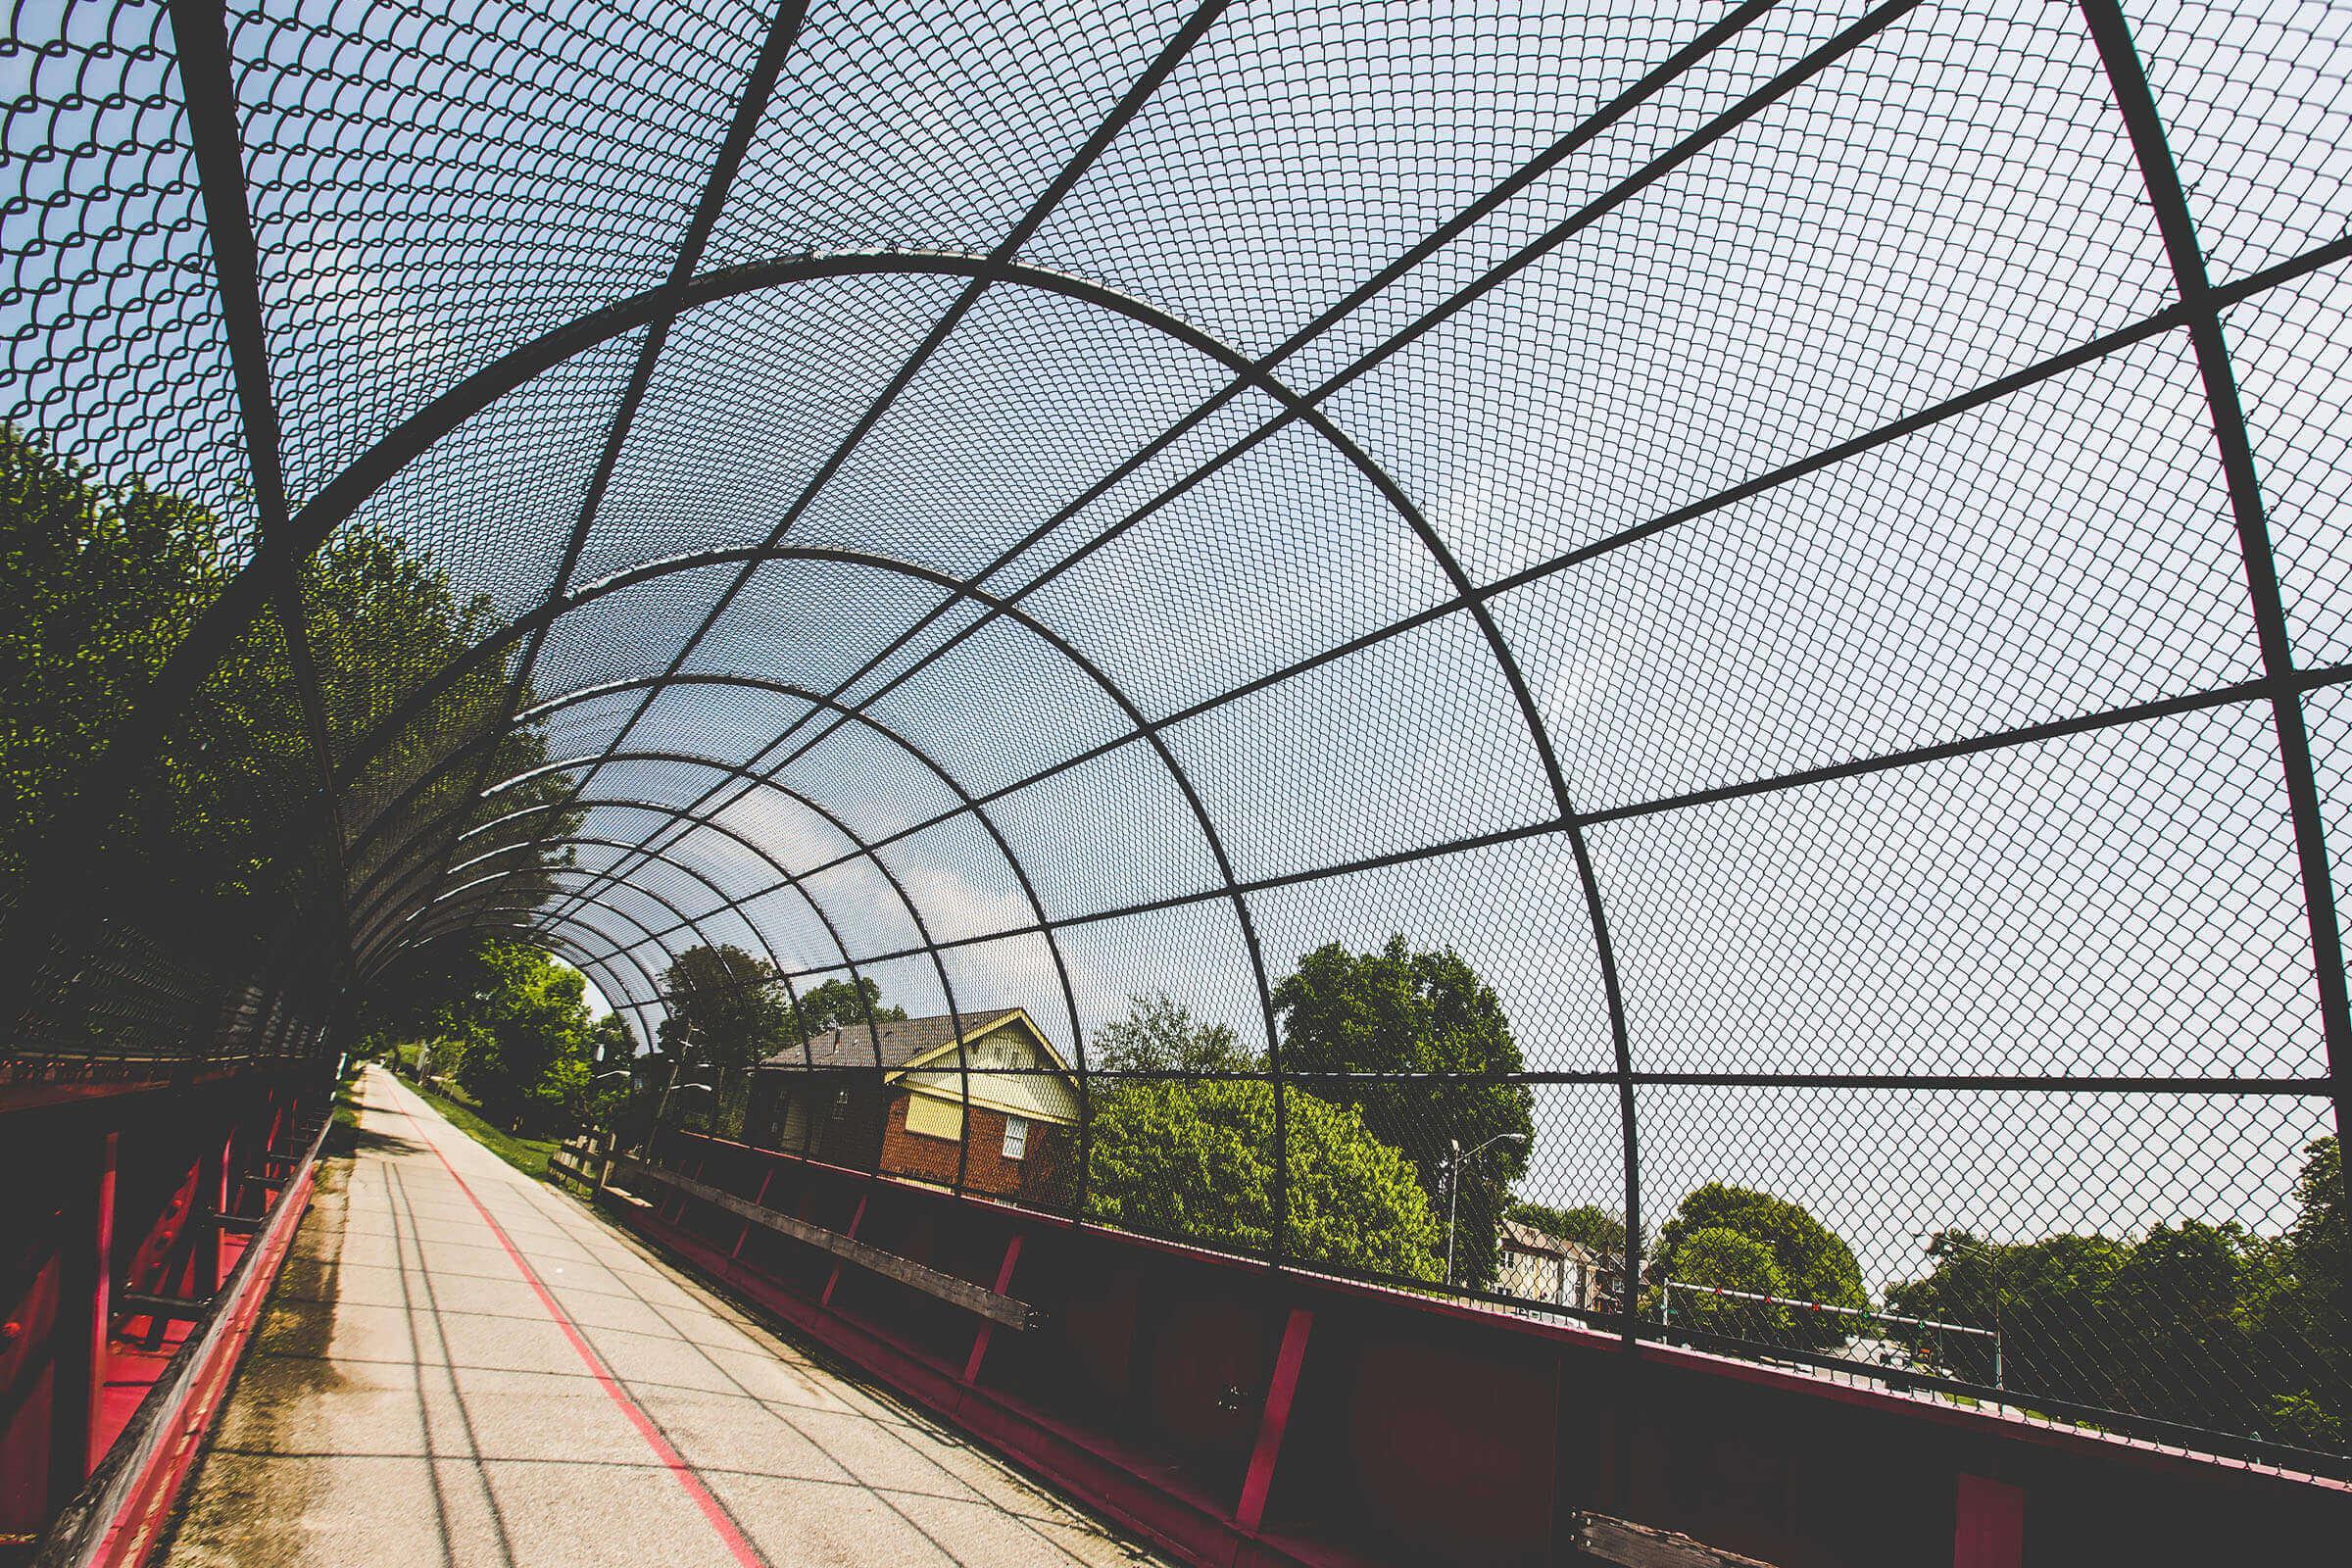 a train on a track near a fence